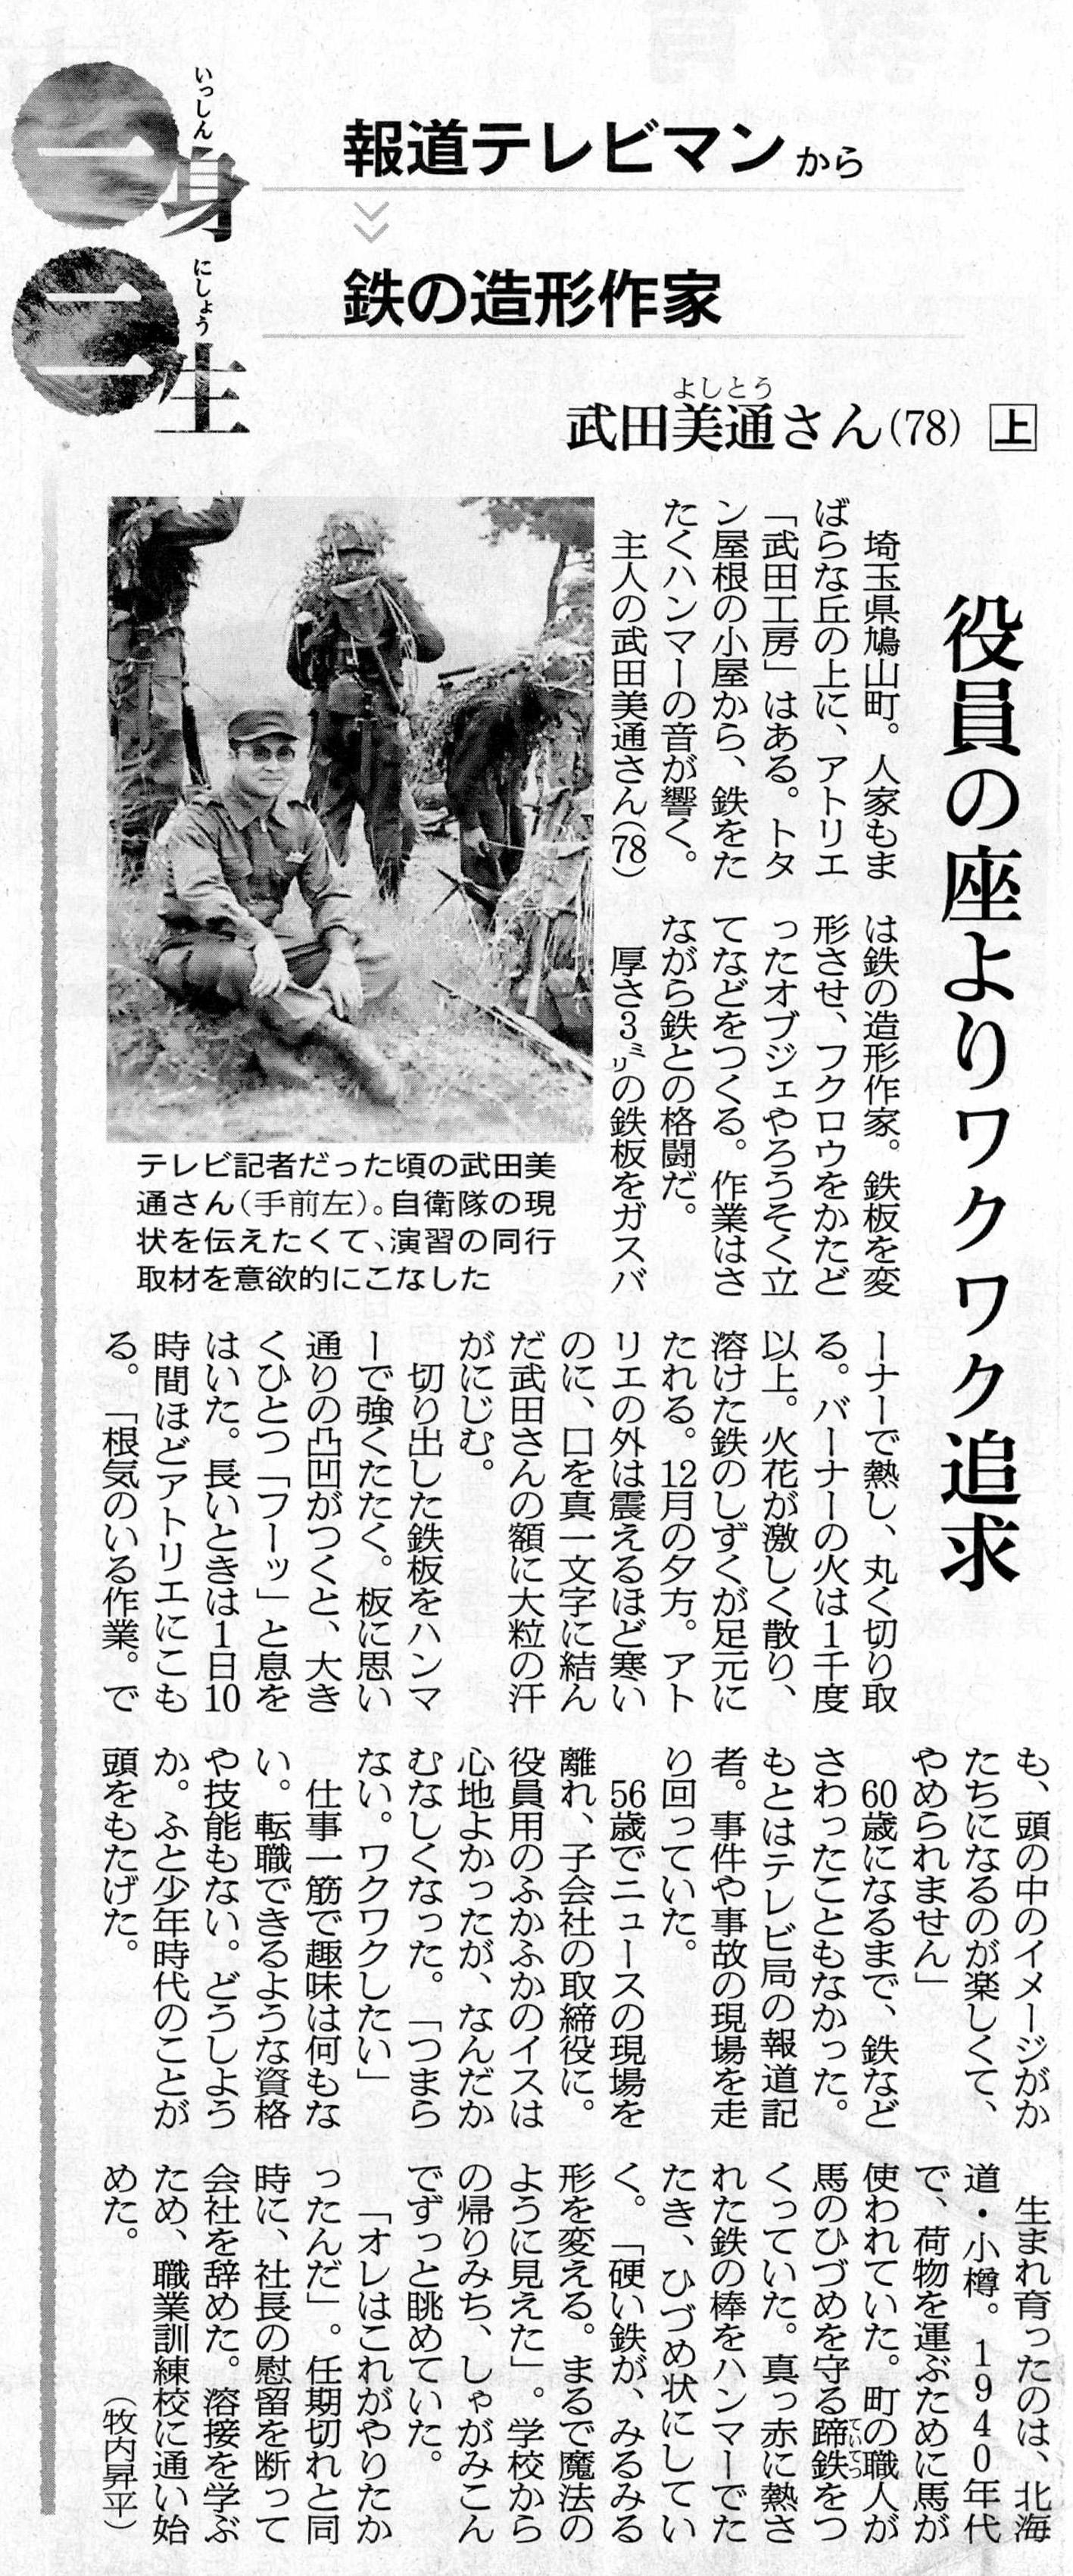 武田美通(48期)(朝日14-01-31朝刊)